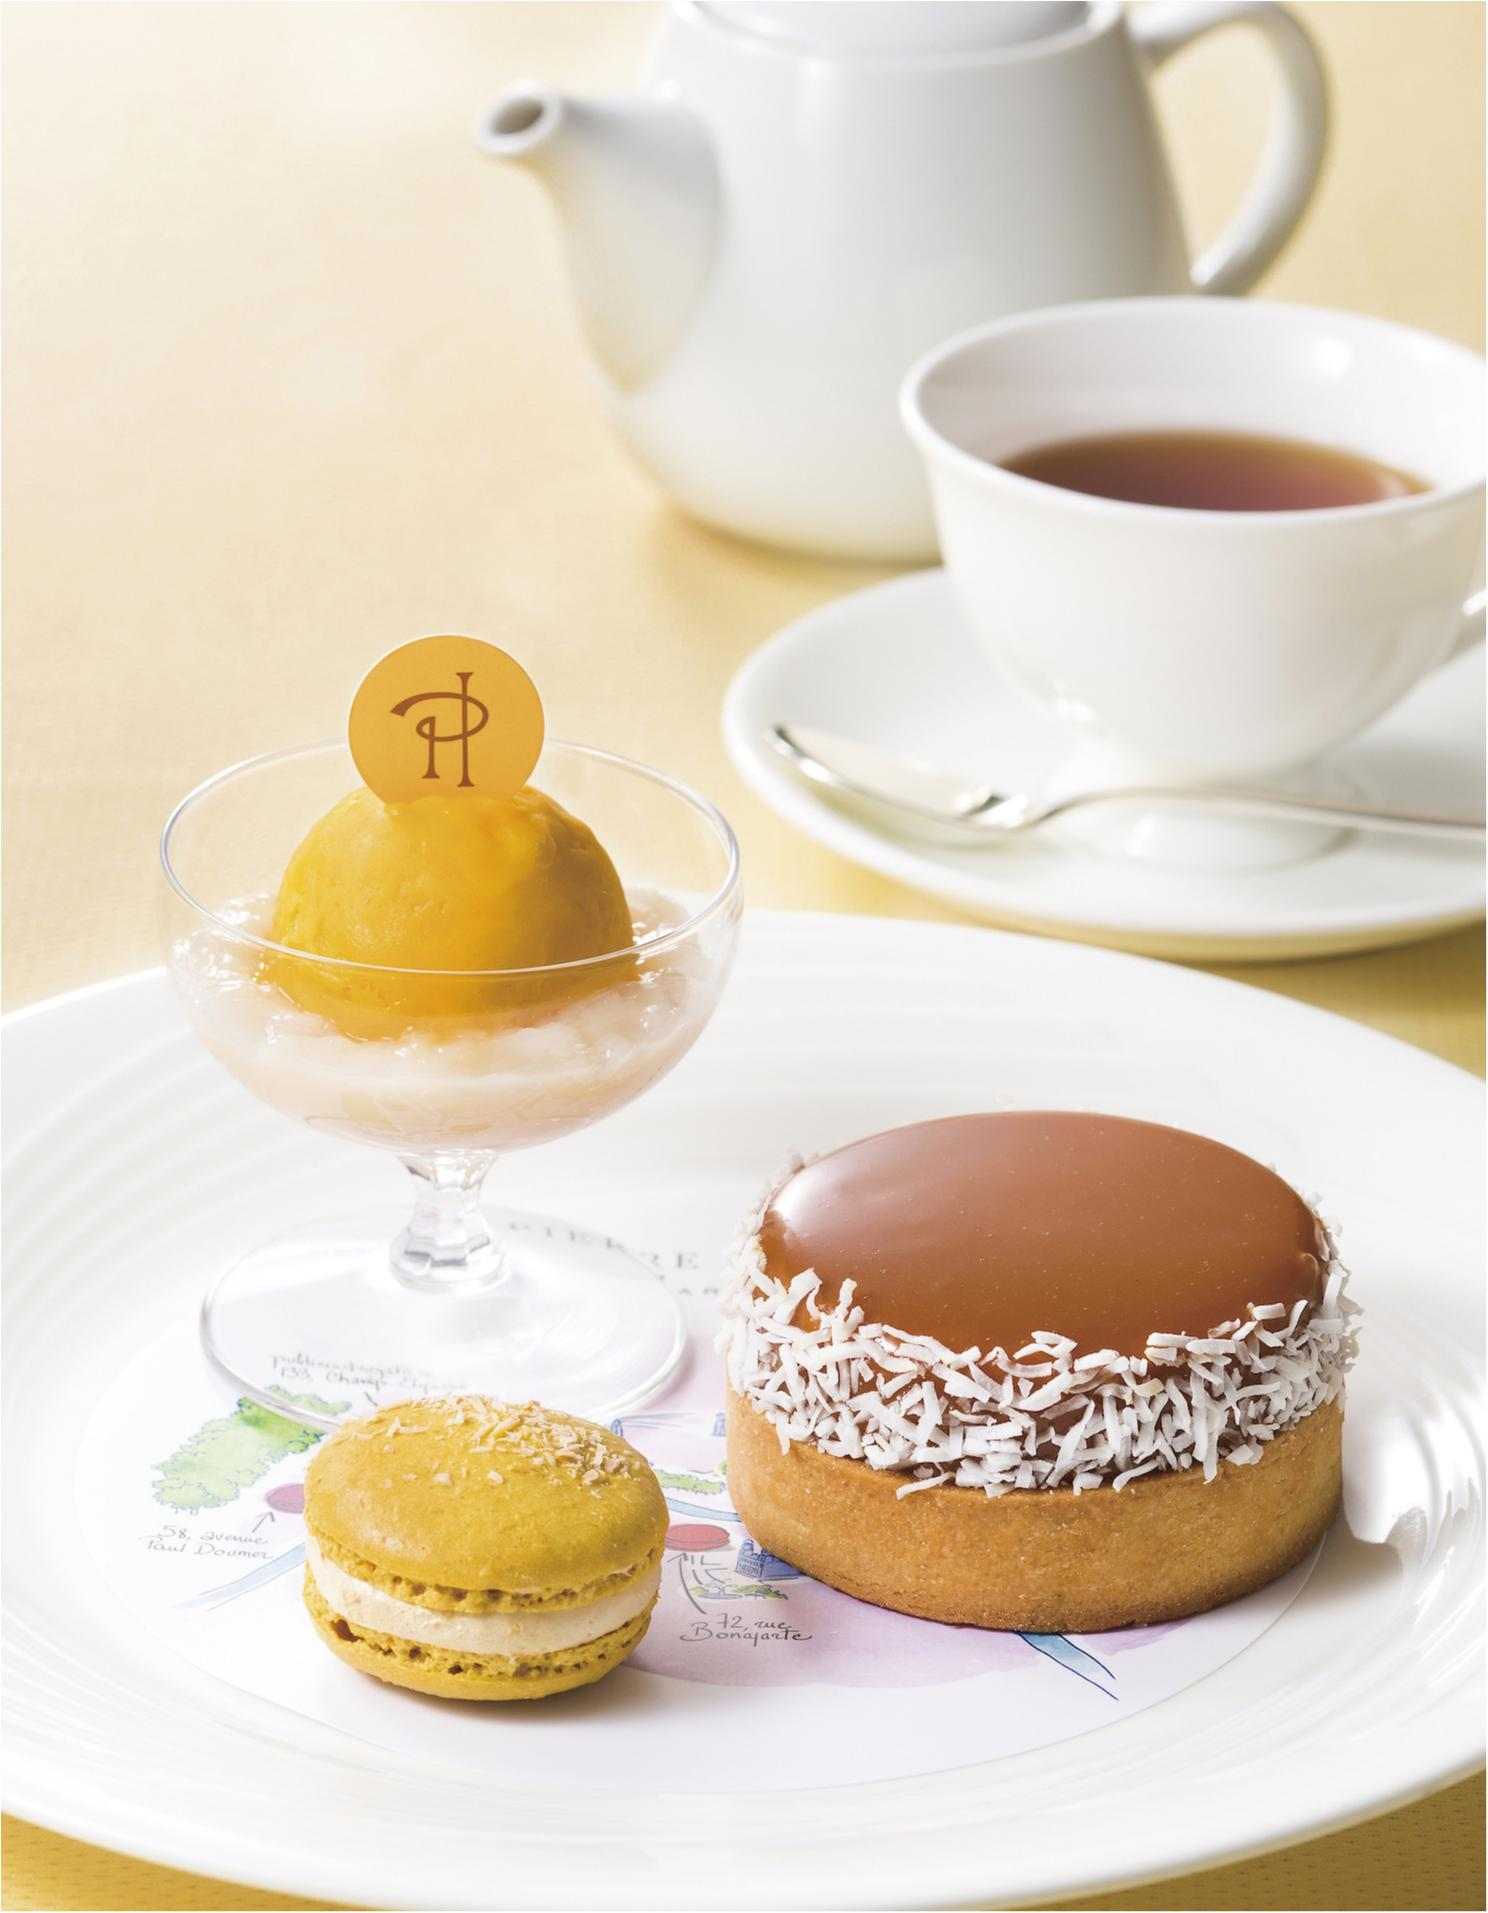 『ピエール・エルメ・パリ』のデザートセットで優雅なアフタヌーンティーを♡_1